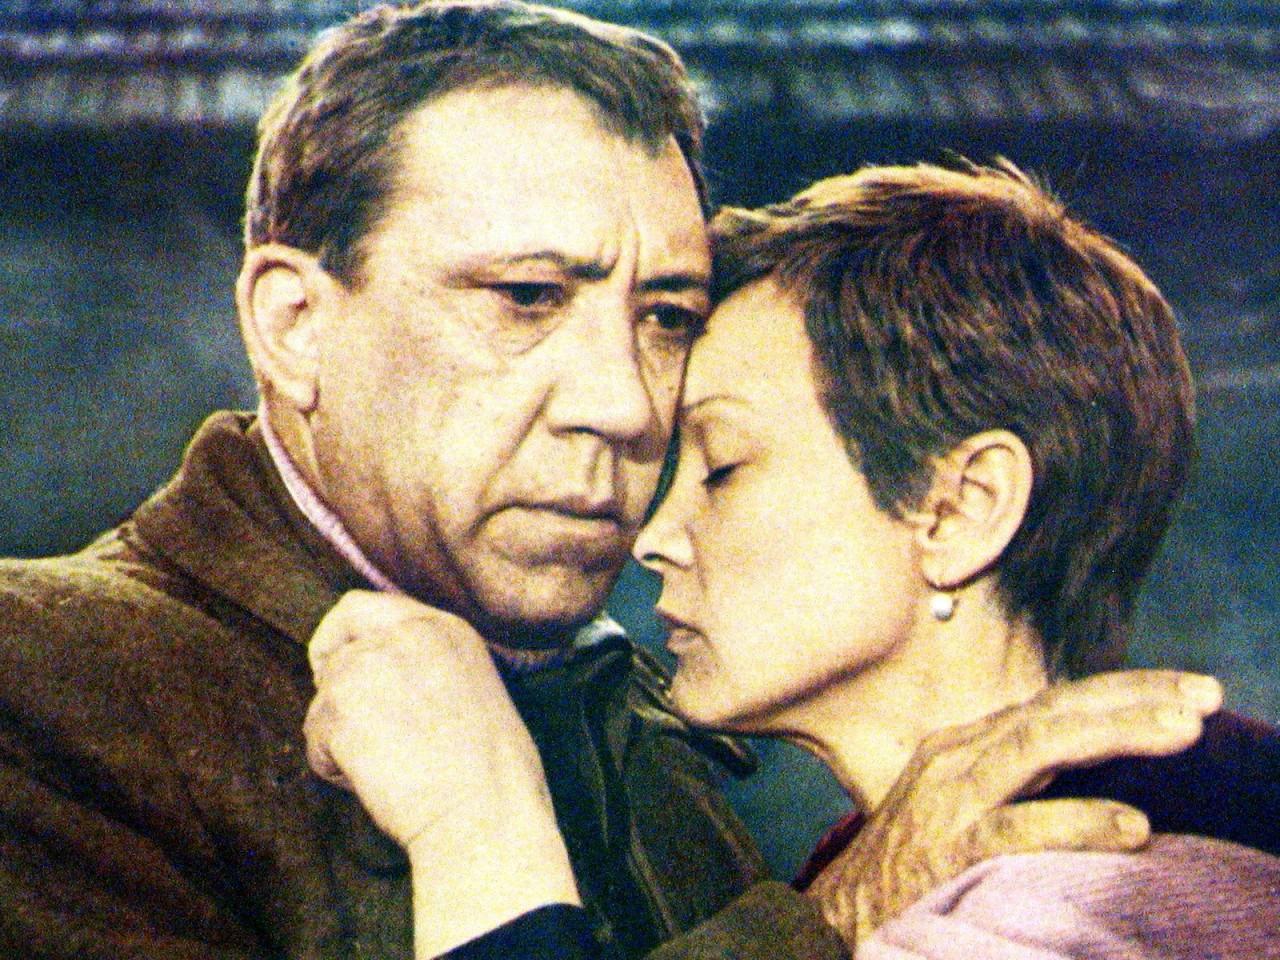 Гурченко Людмила Марковна актриса, народная артистка СССР, певица